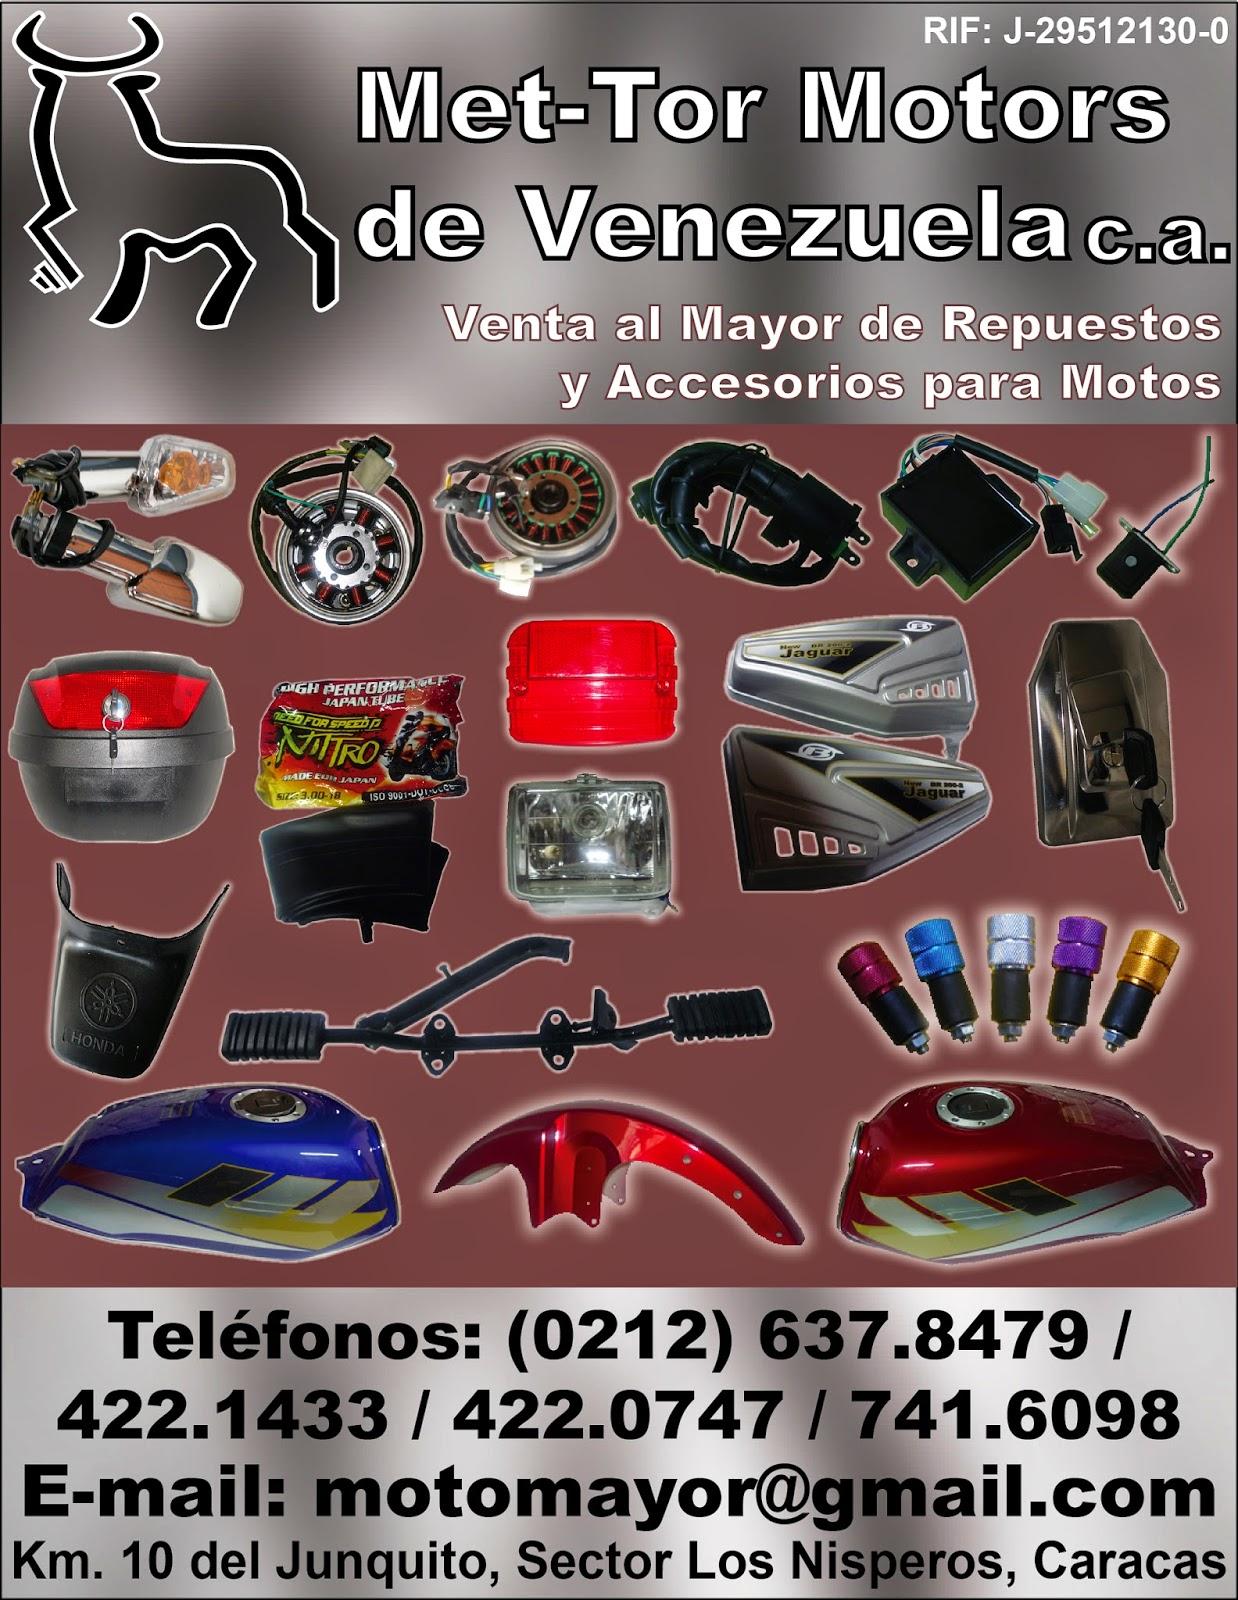 MET-TOR MOTORS DE VENEZUELA C.A. en Paginas Amarillas tu guia Comercial